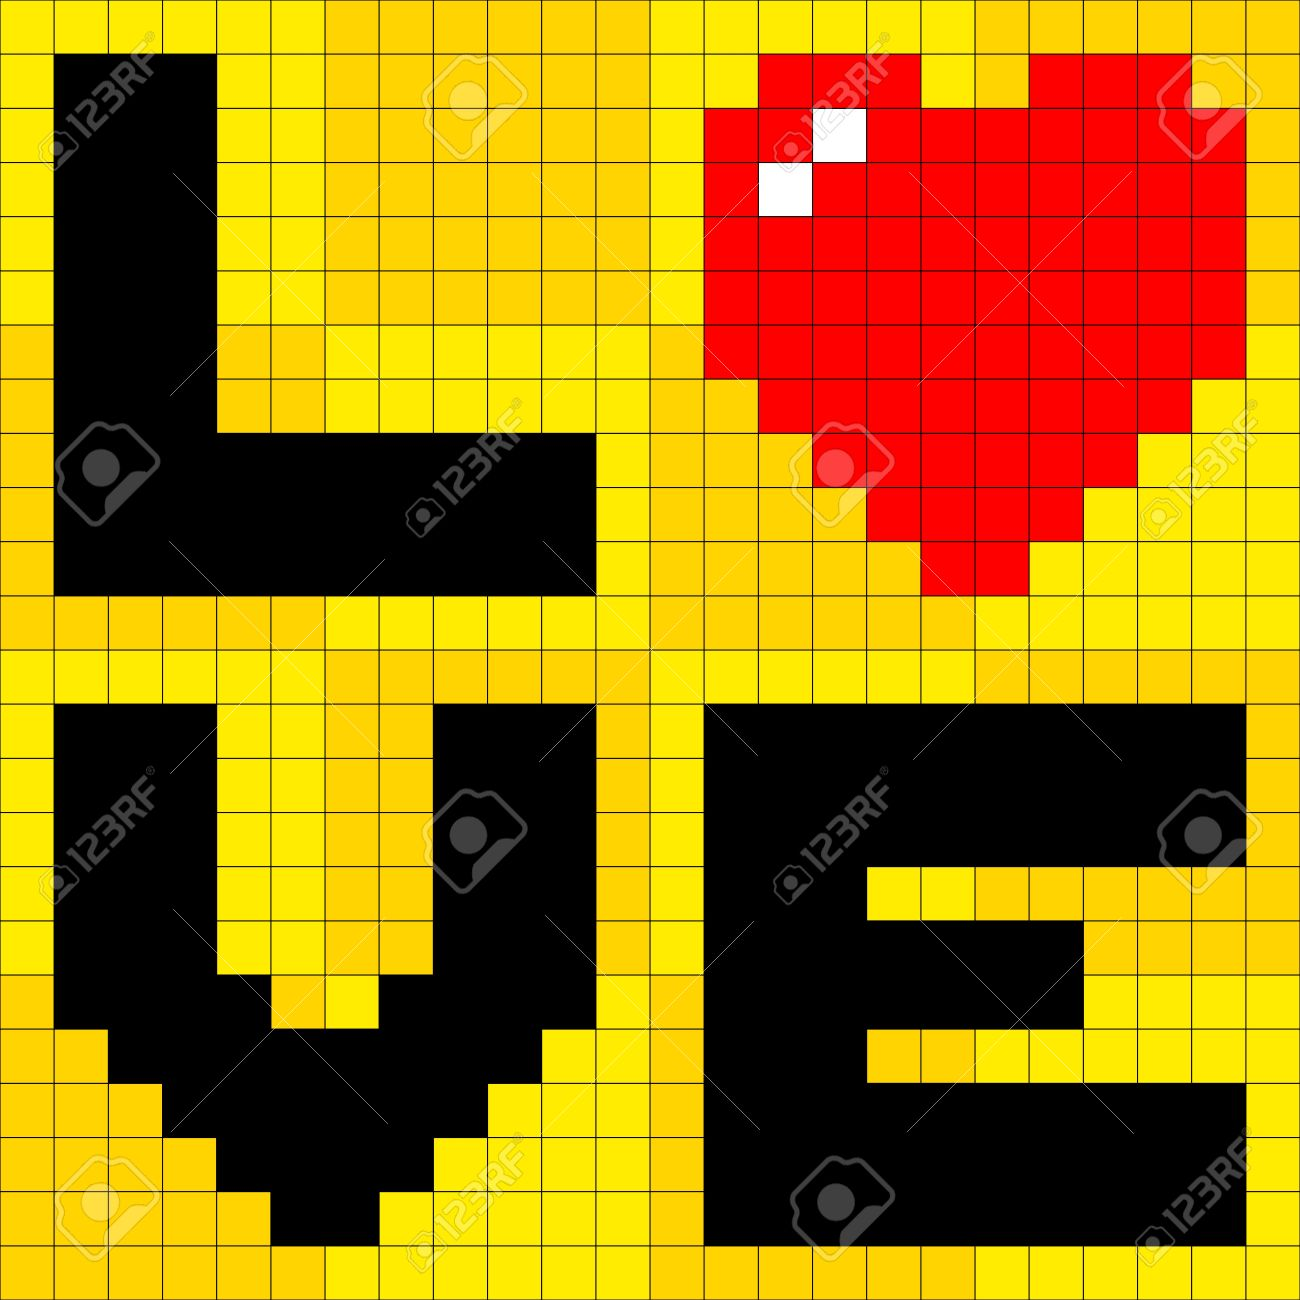 pixel art love